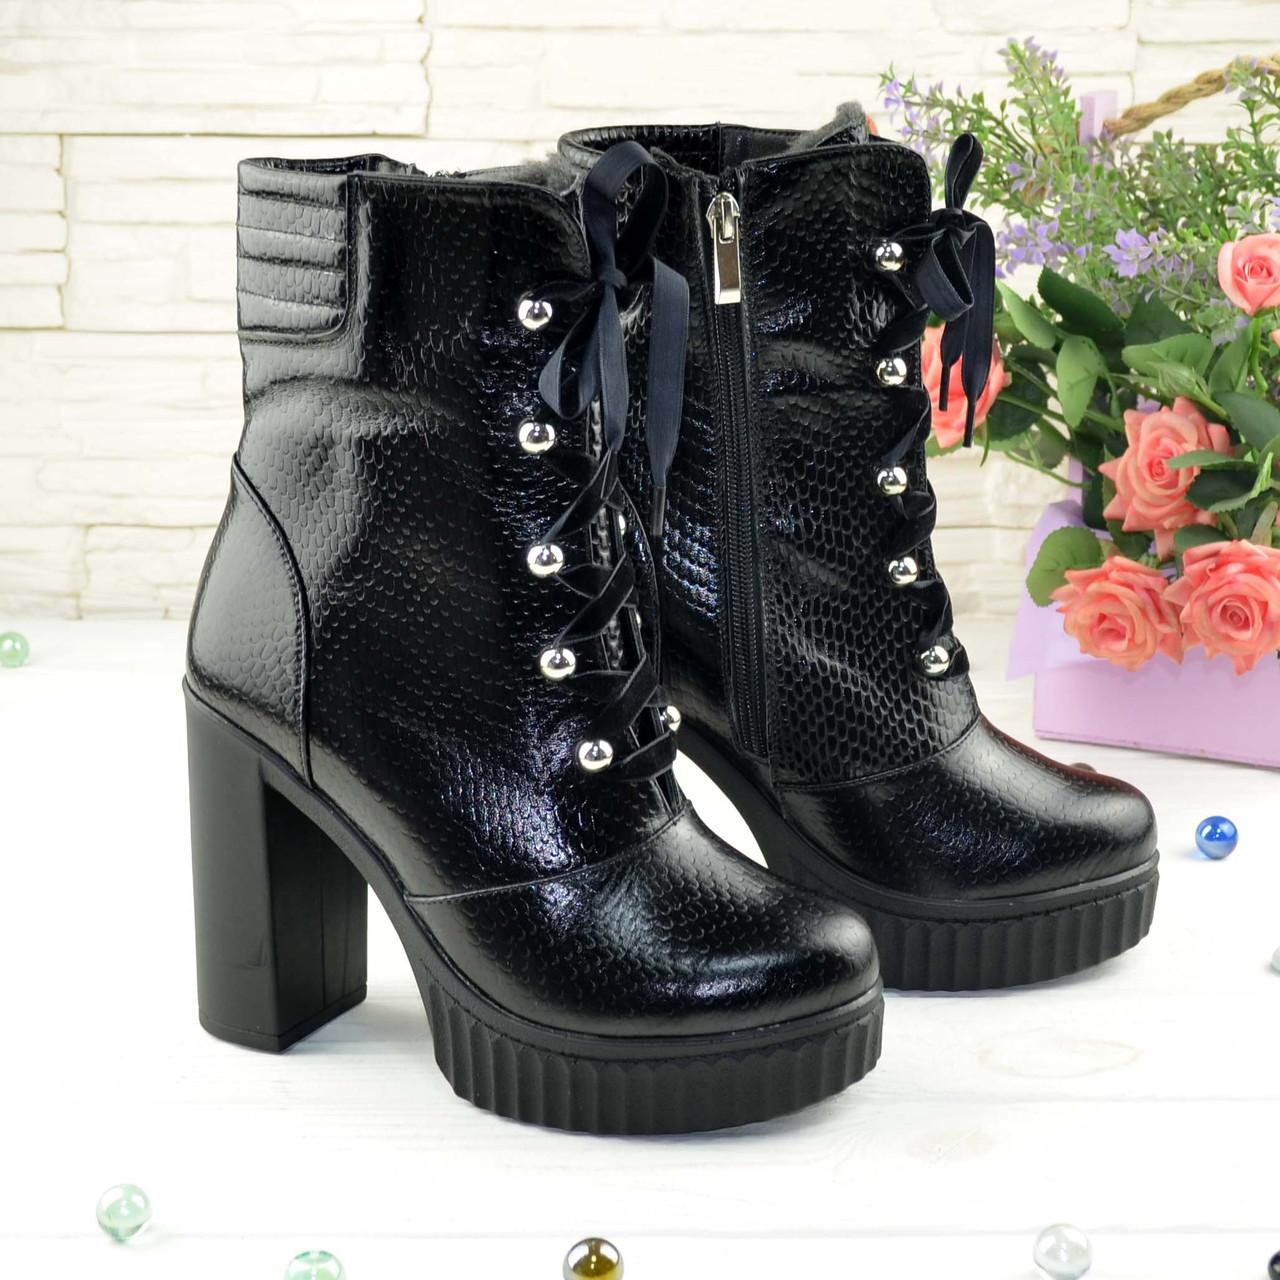 Ботинки кожаные женские на высоком устойчивом каблуке, цвет черный